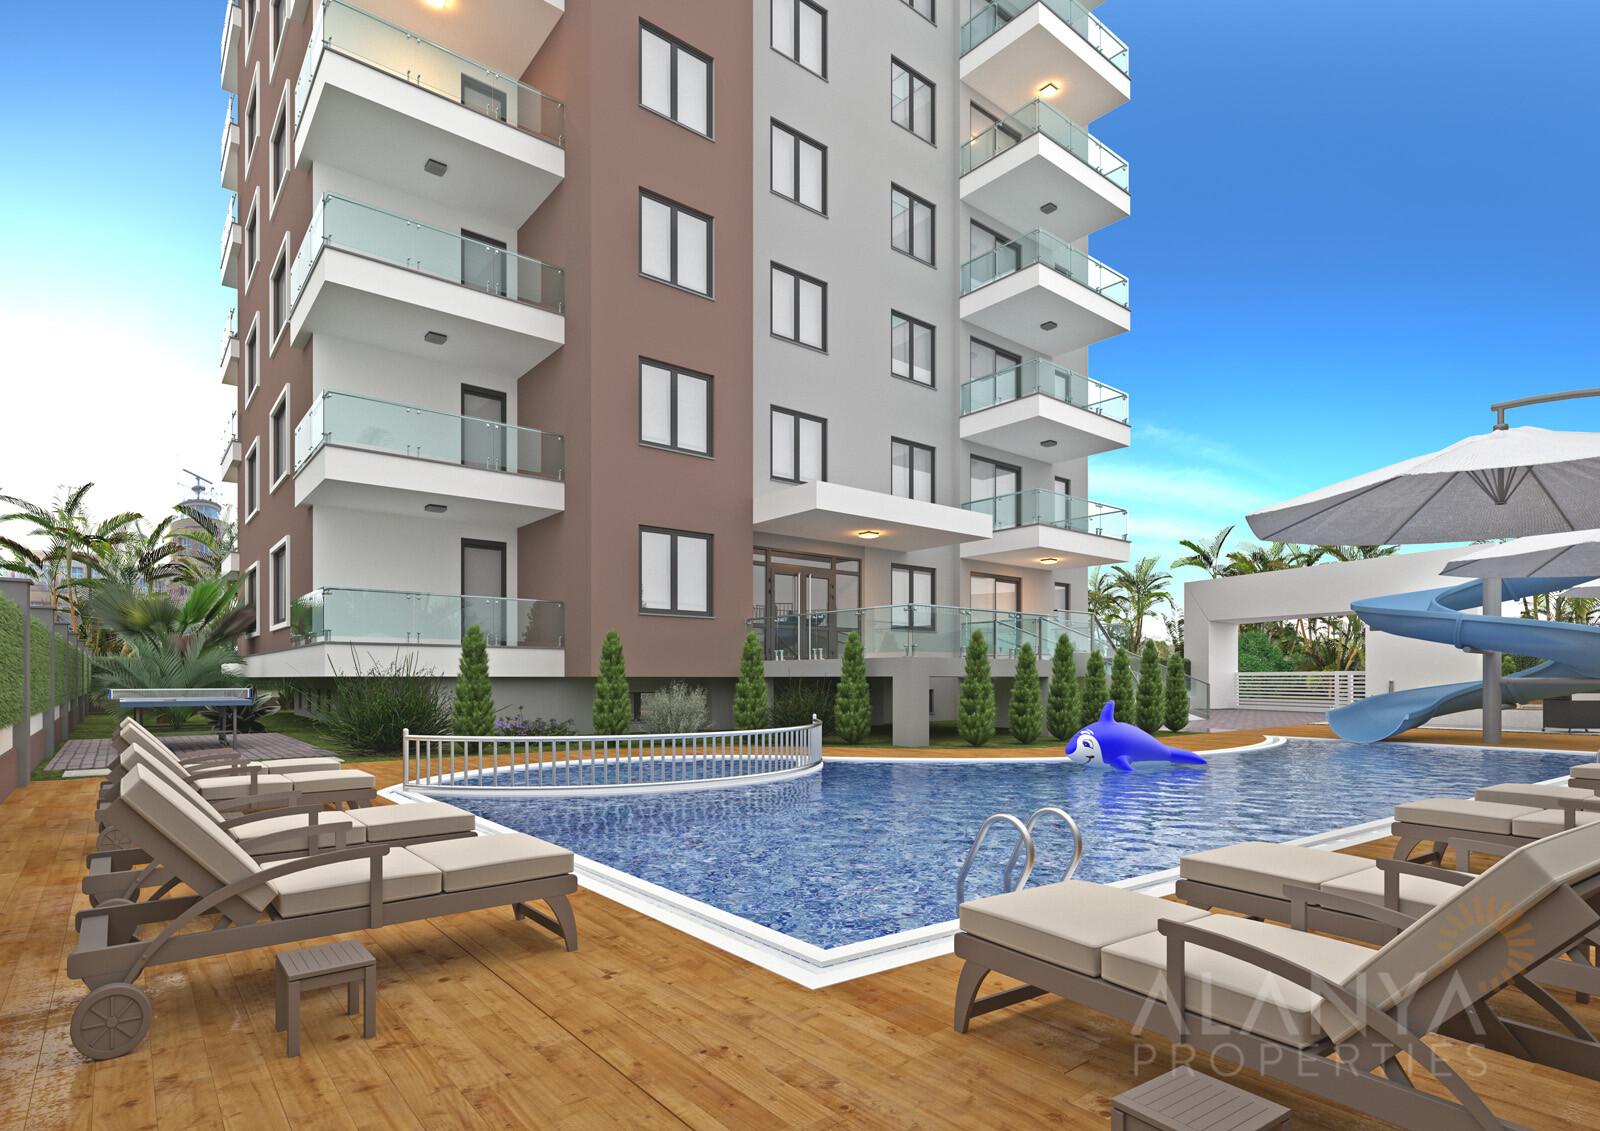 Appartements à 200m de la mer dans le centre de Mahmutlar, Alanya